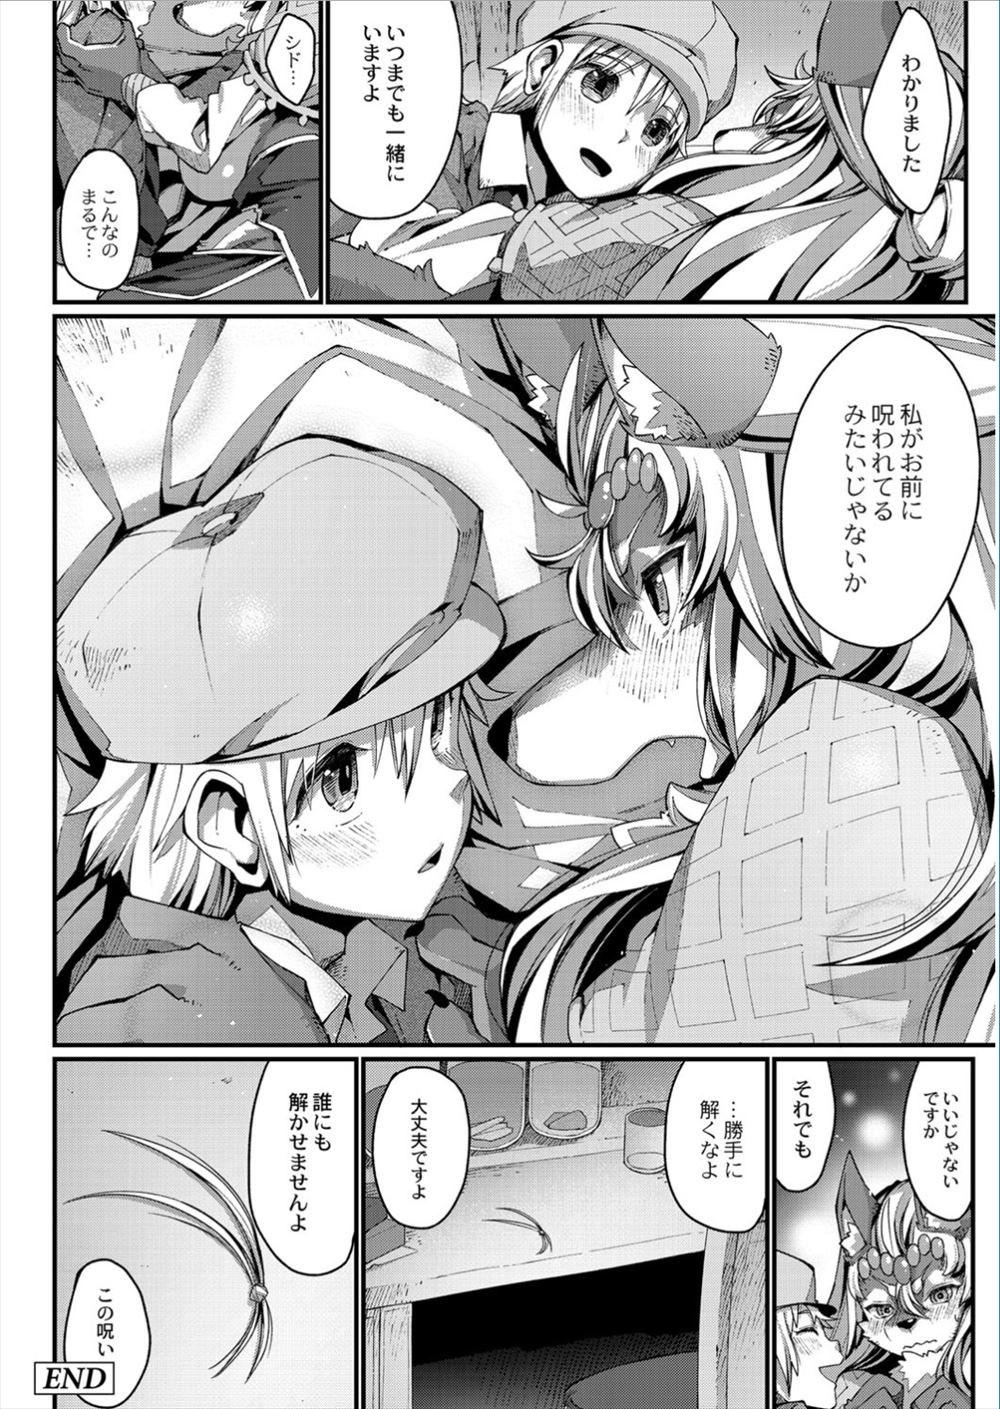 【エロ漫画同人誌】少年シドと獣女魔法使いのベルティアーノの甘く切ないストーリー。 036